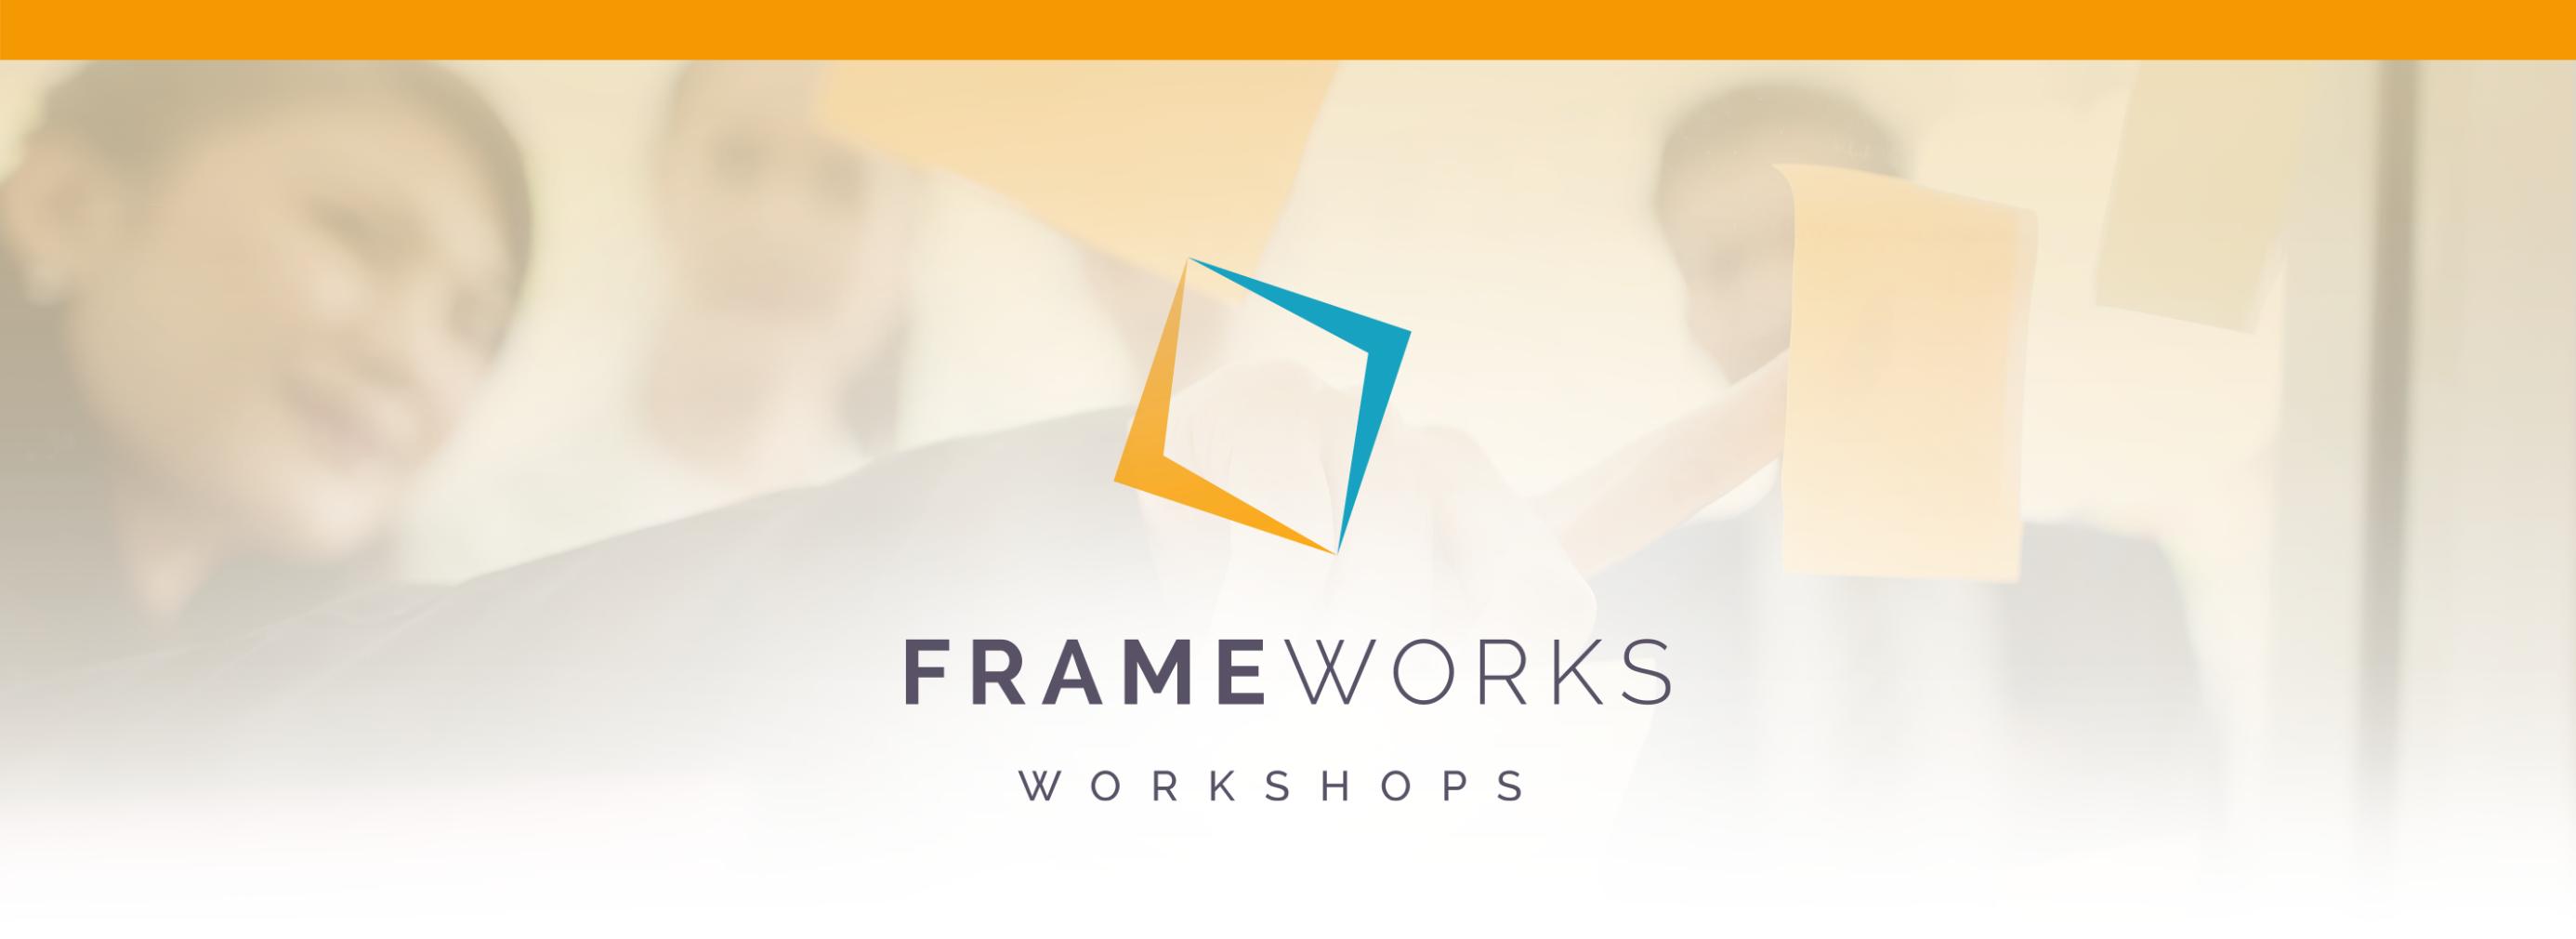 Frameworks Workshops